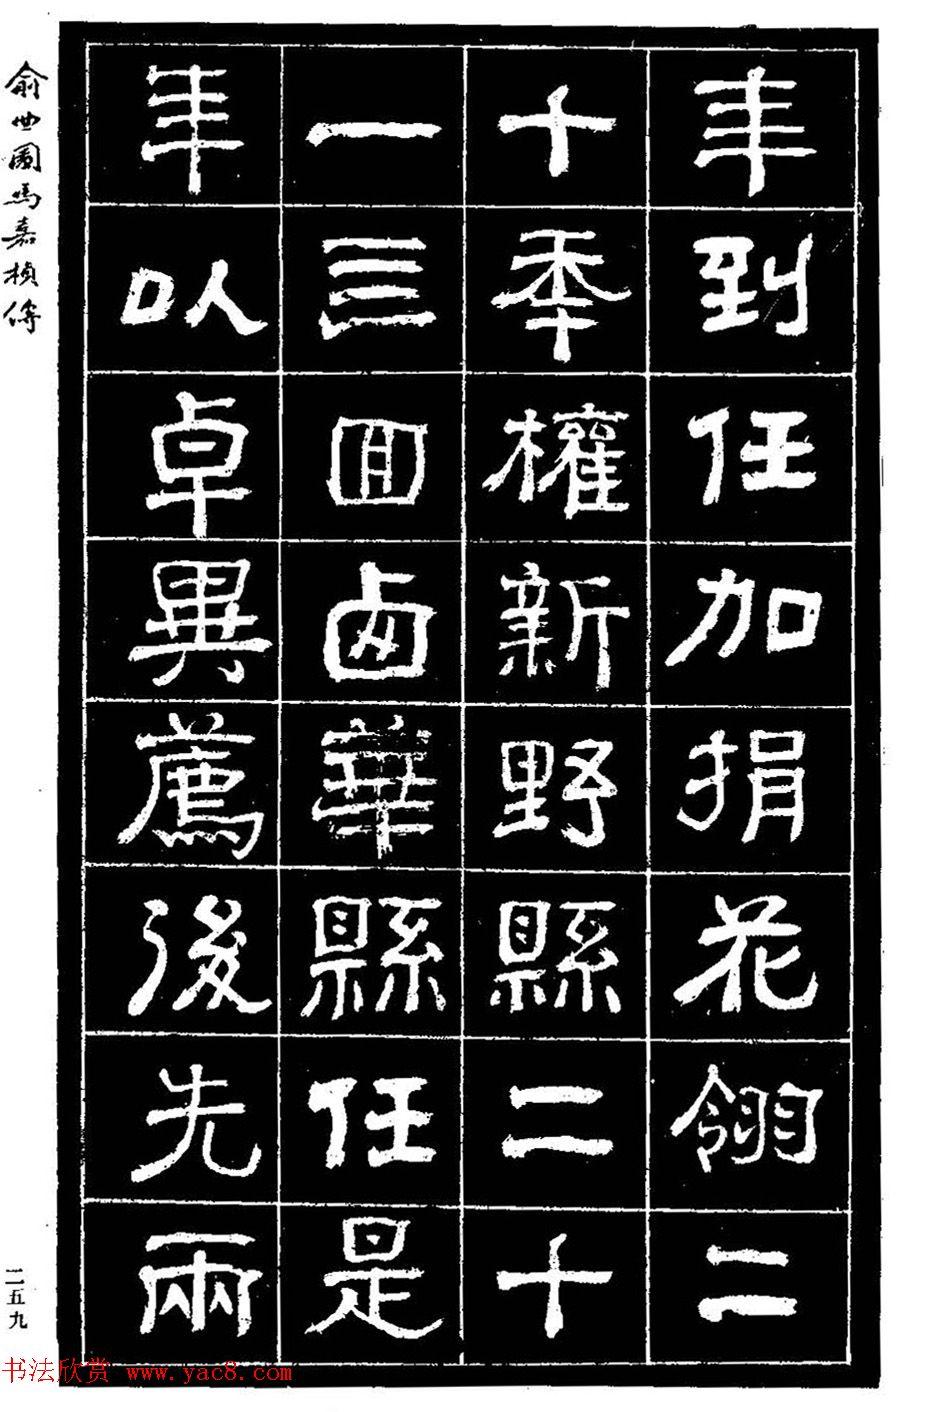 清代俞樾隶书《俞曲园马嘉桢传》